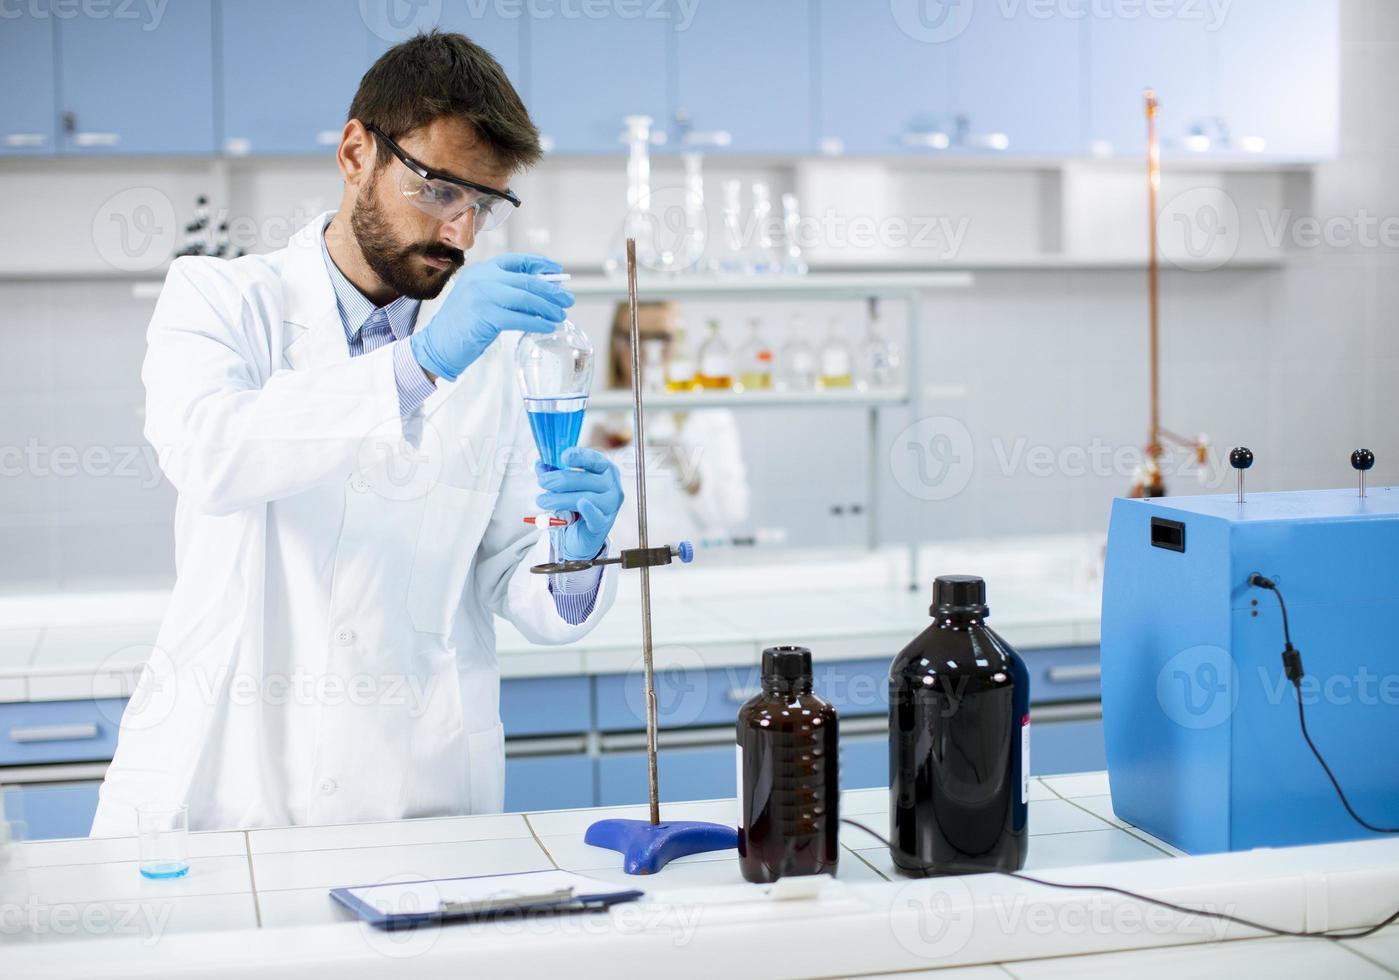 chercheur travaillant avec un liquide bleu au verre de laboratoire photo